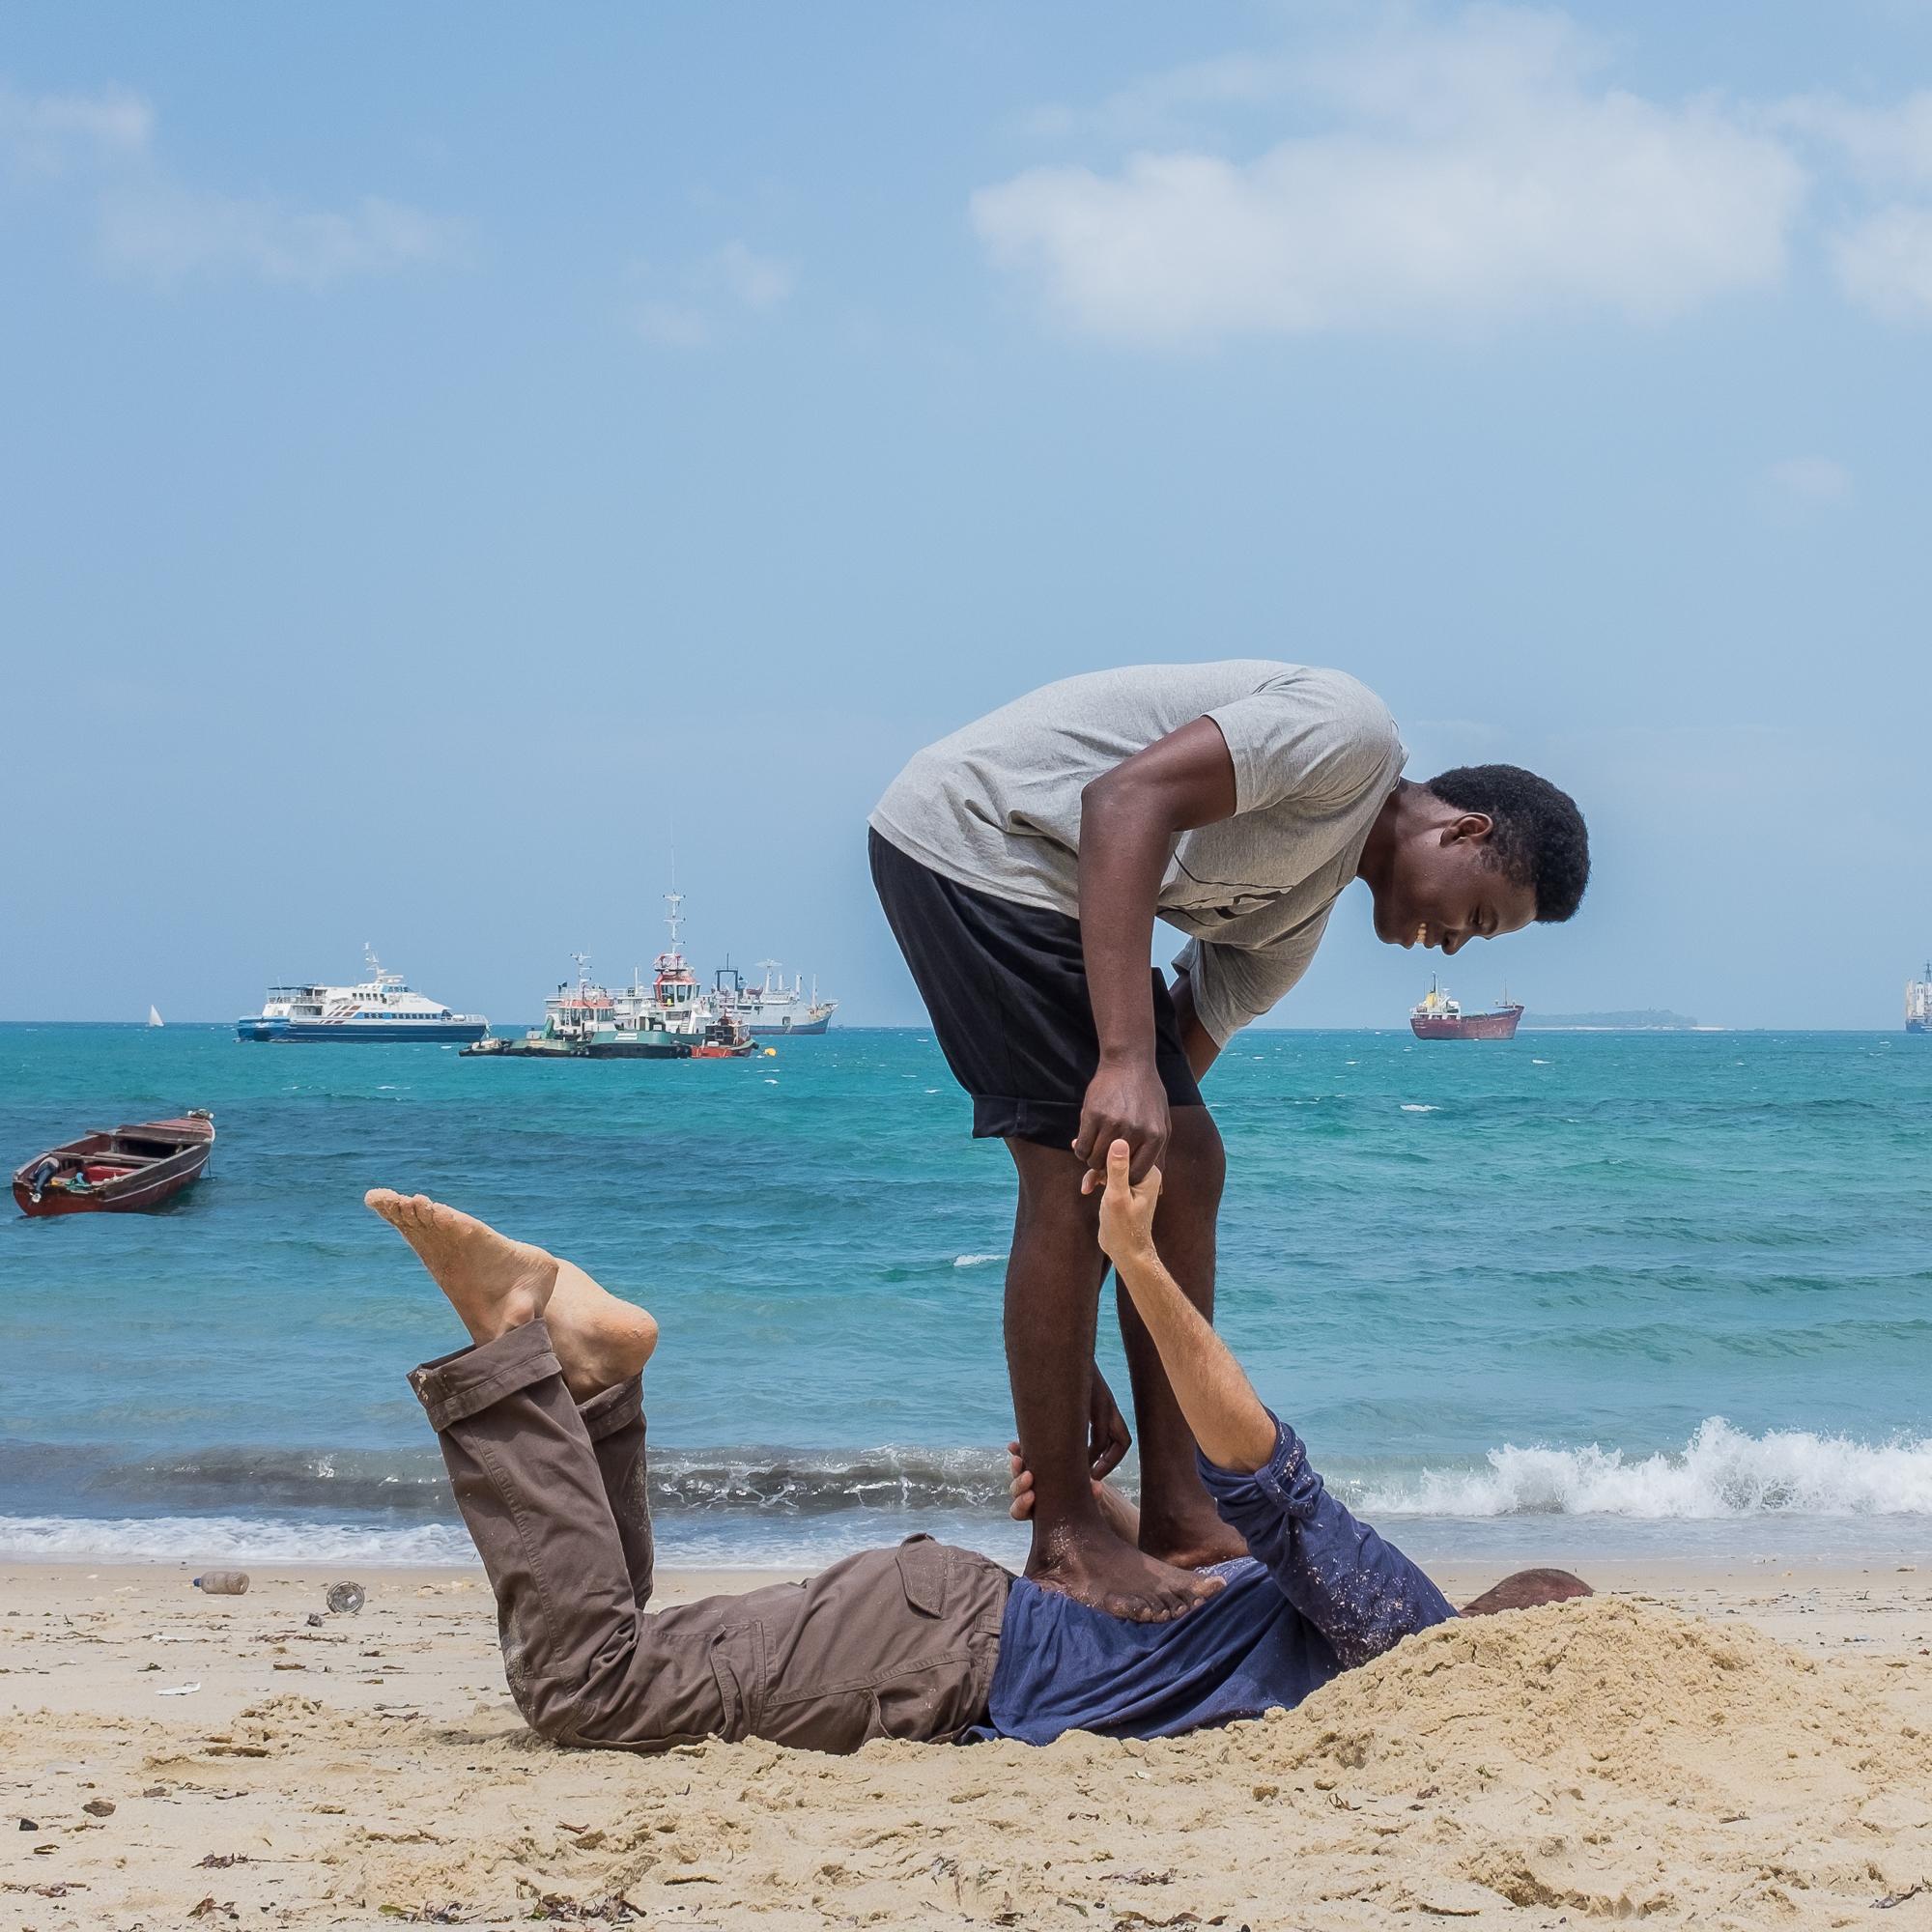 Zanzibar beach - Fishing_